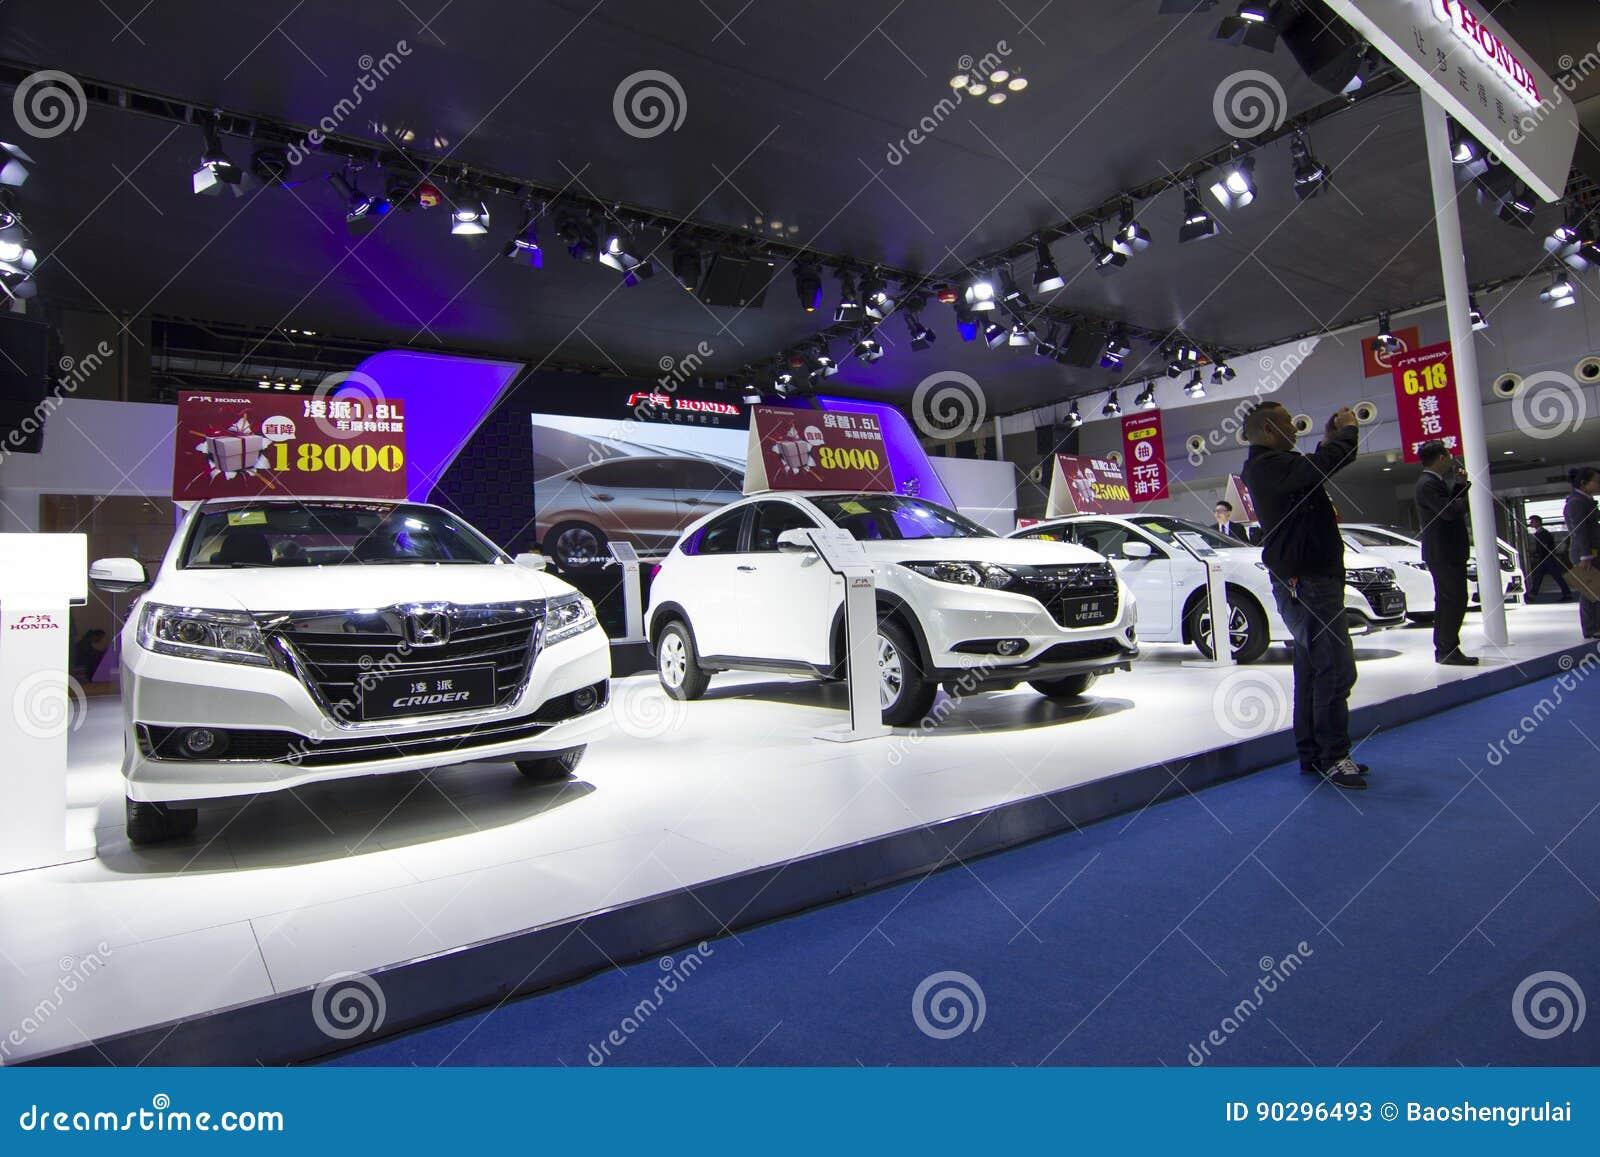 Auto show — HONDA